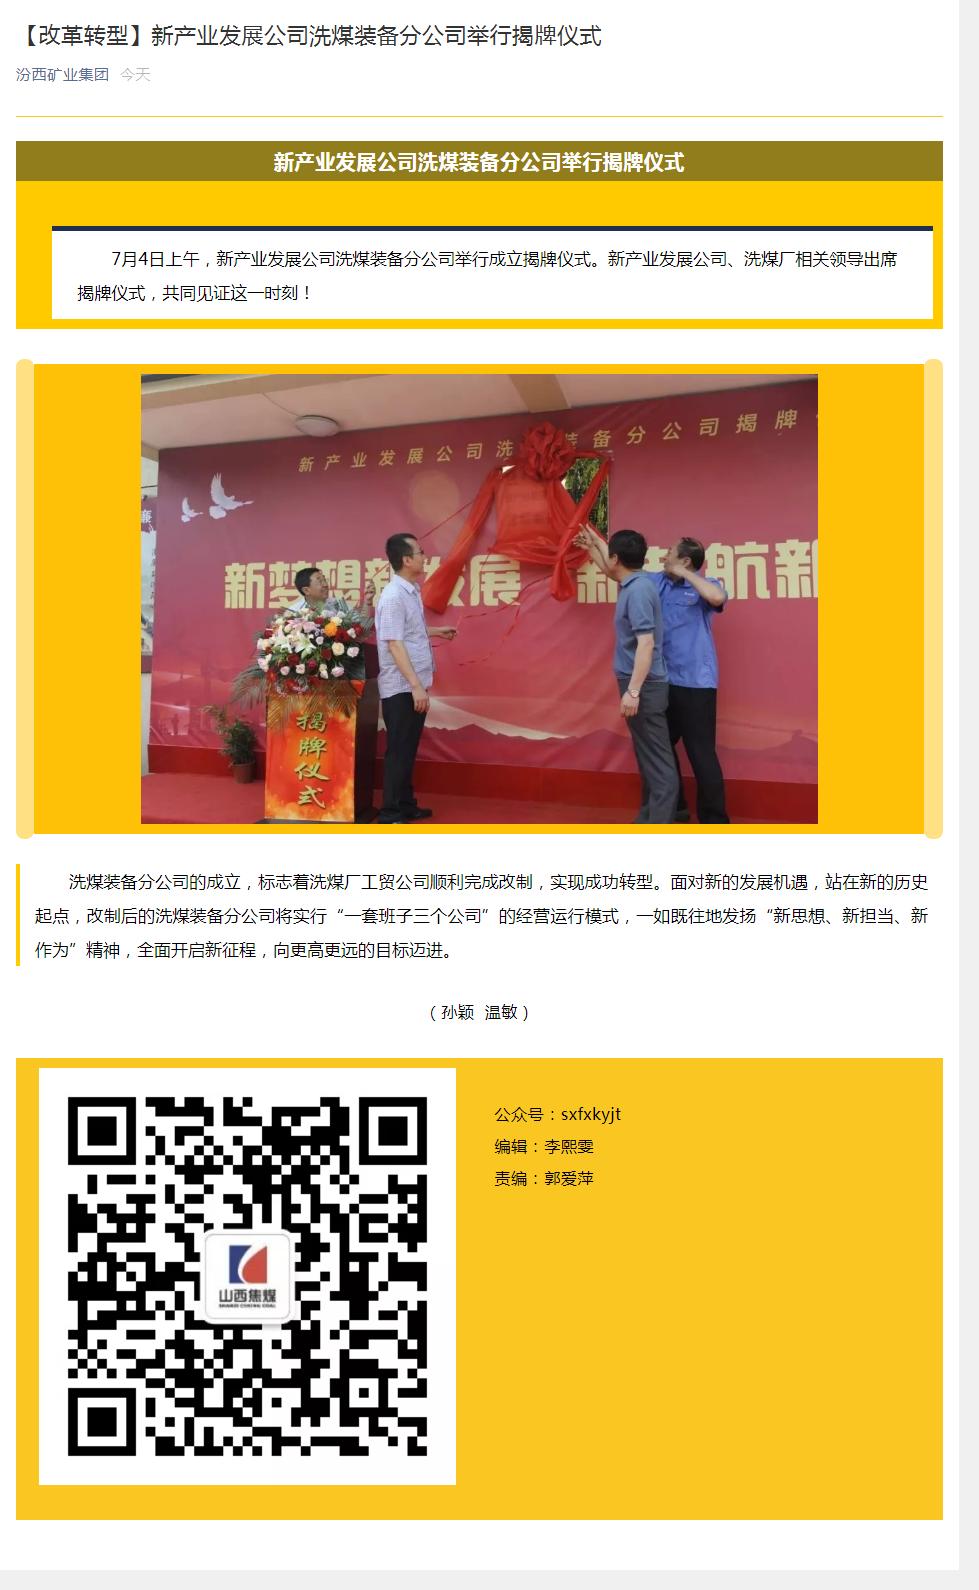 【改革轉型】新産業發展公司洗煤裝備分公司舉行揭牌儀式.png